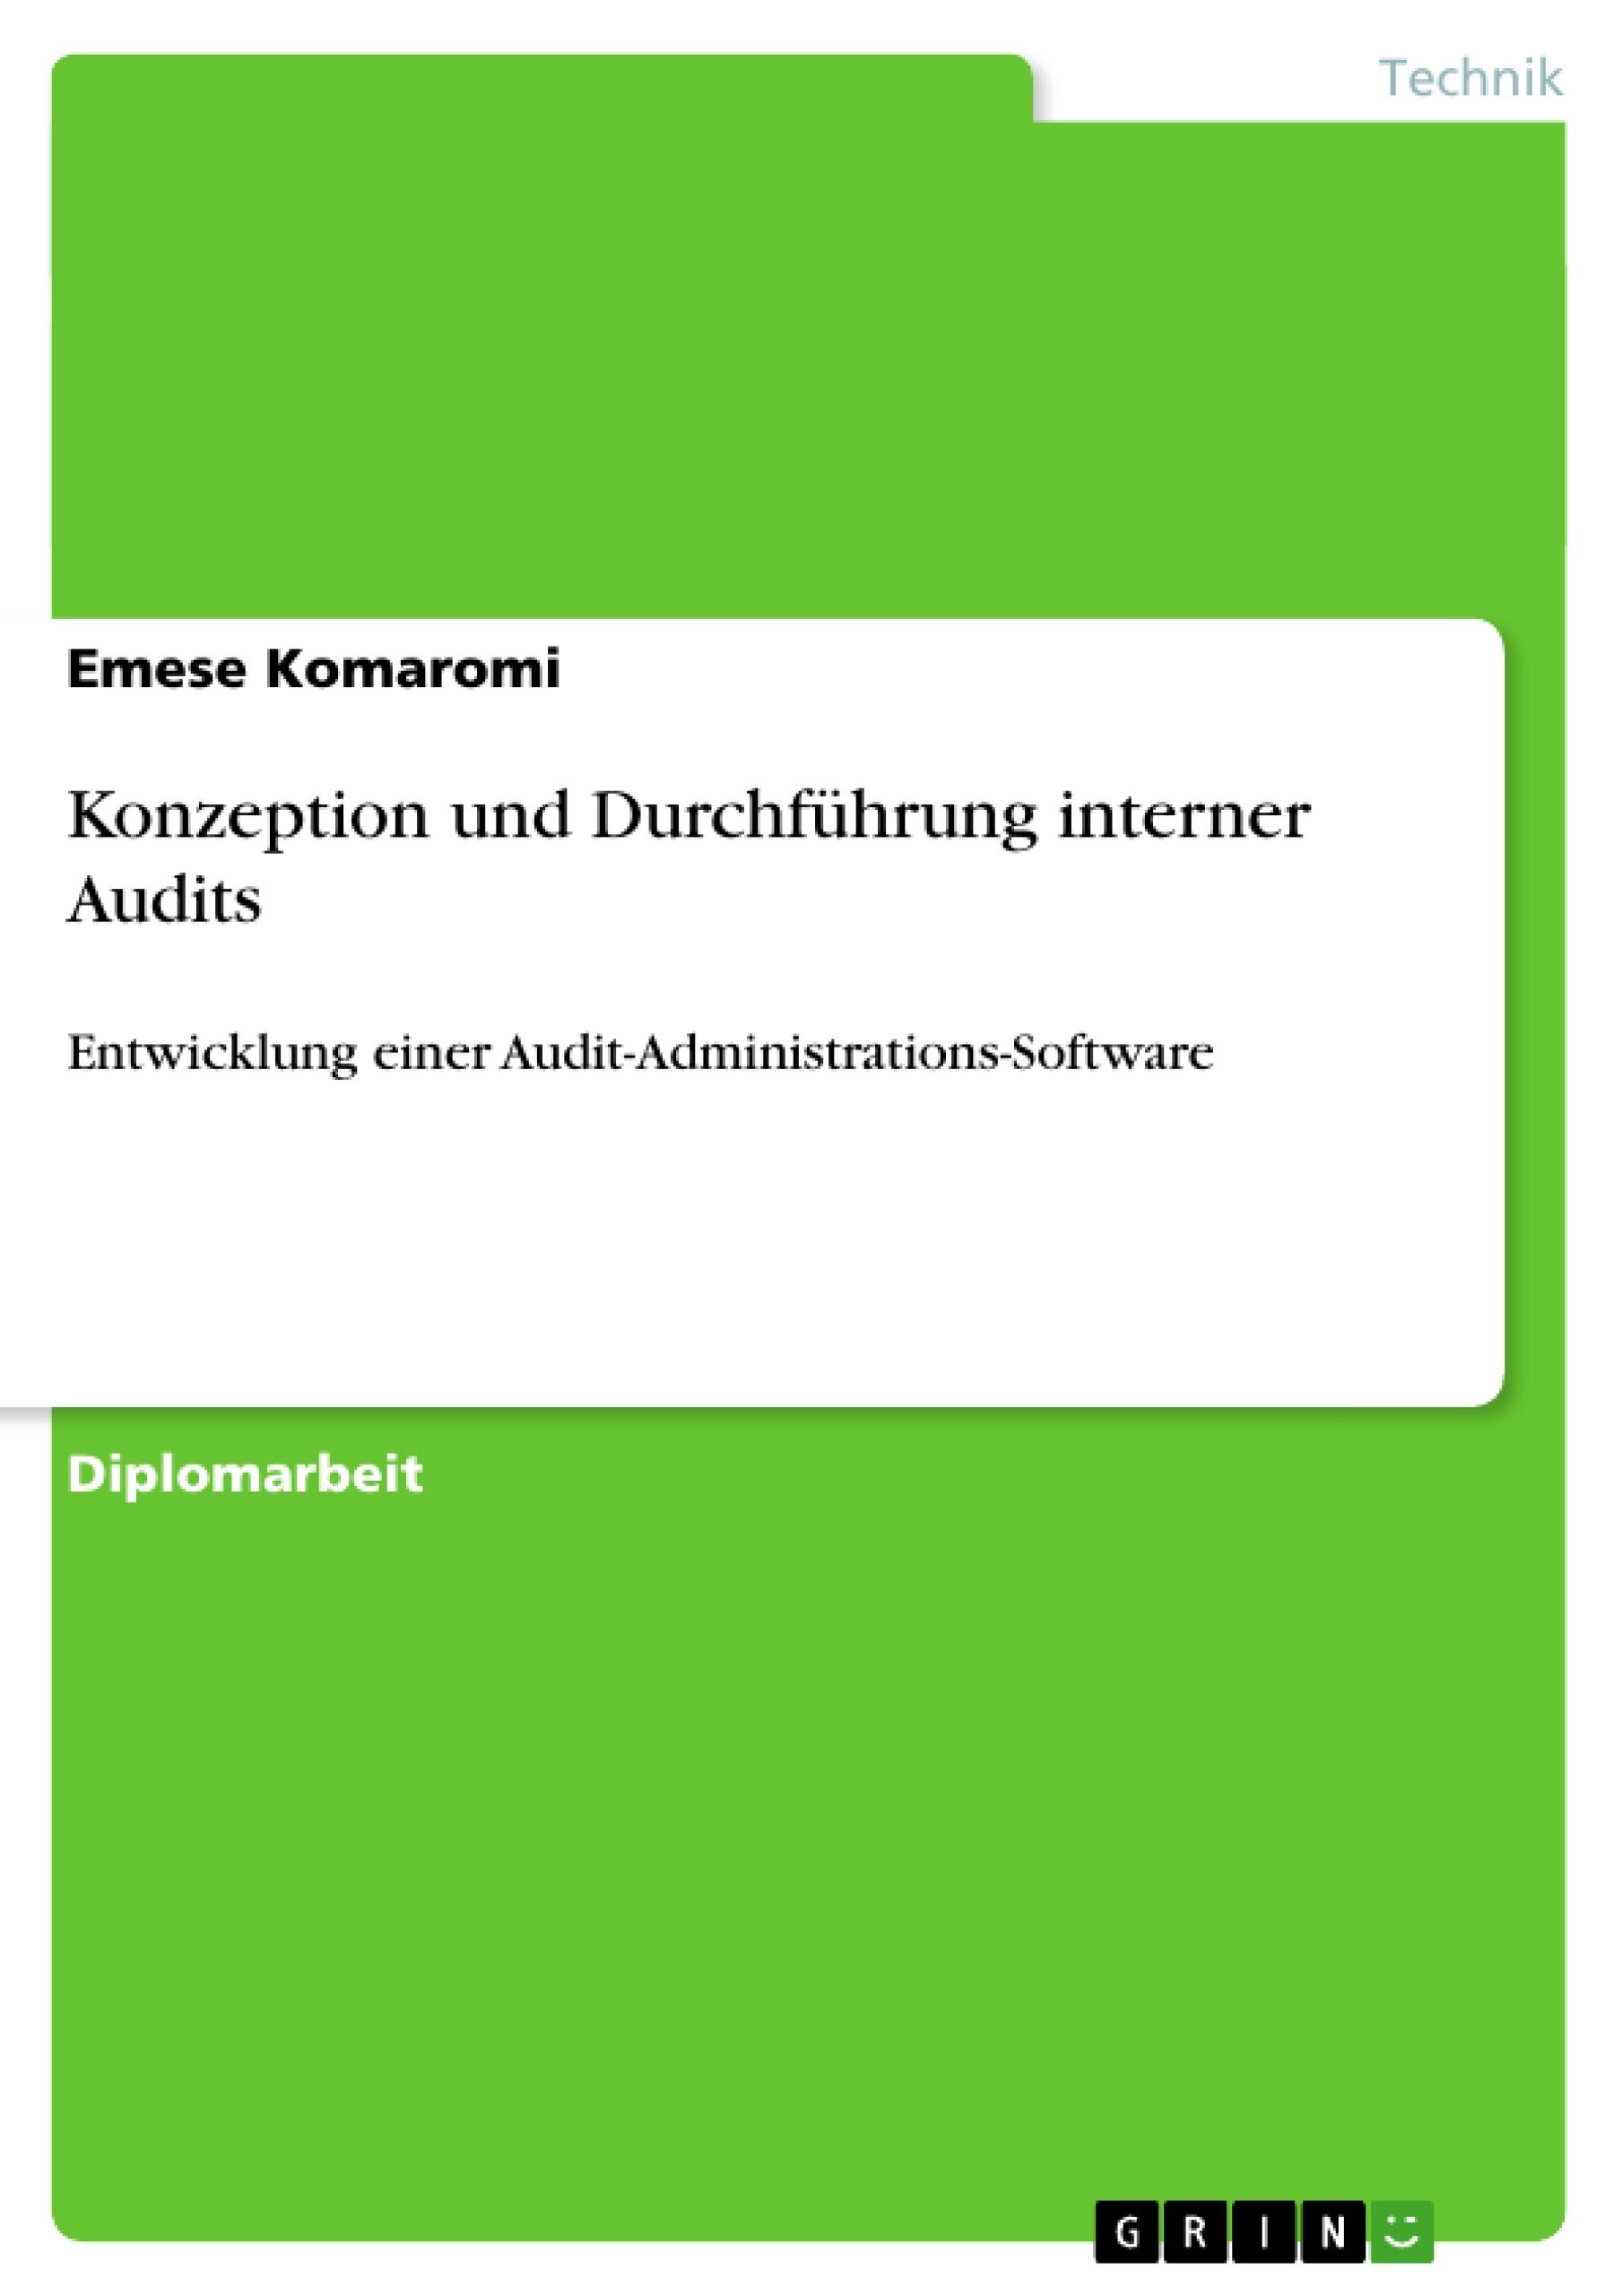 Titel: Konzeption und Durchführung interner Audits